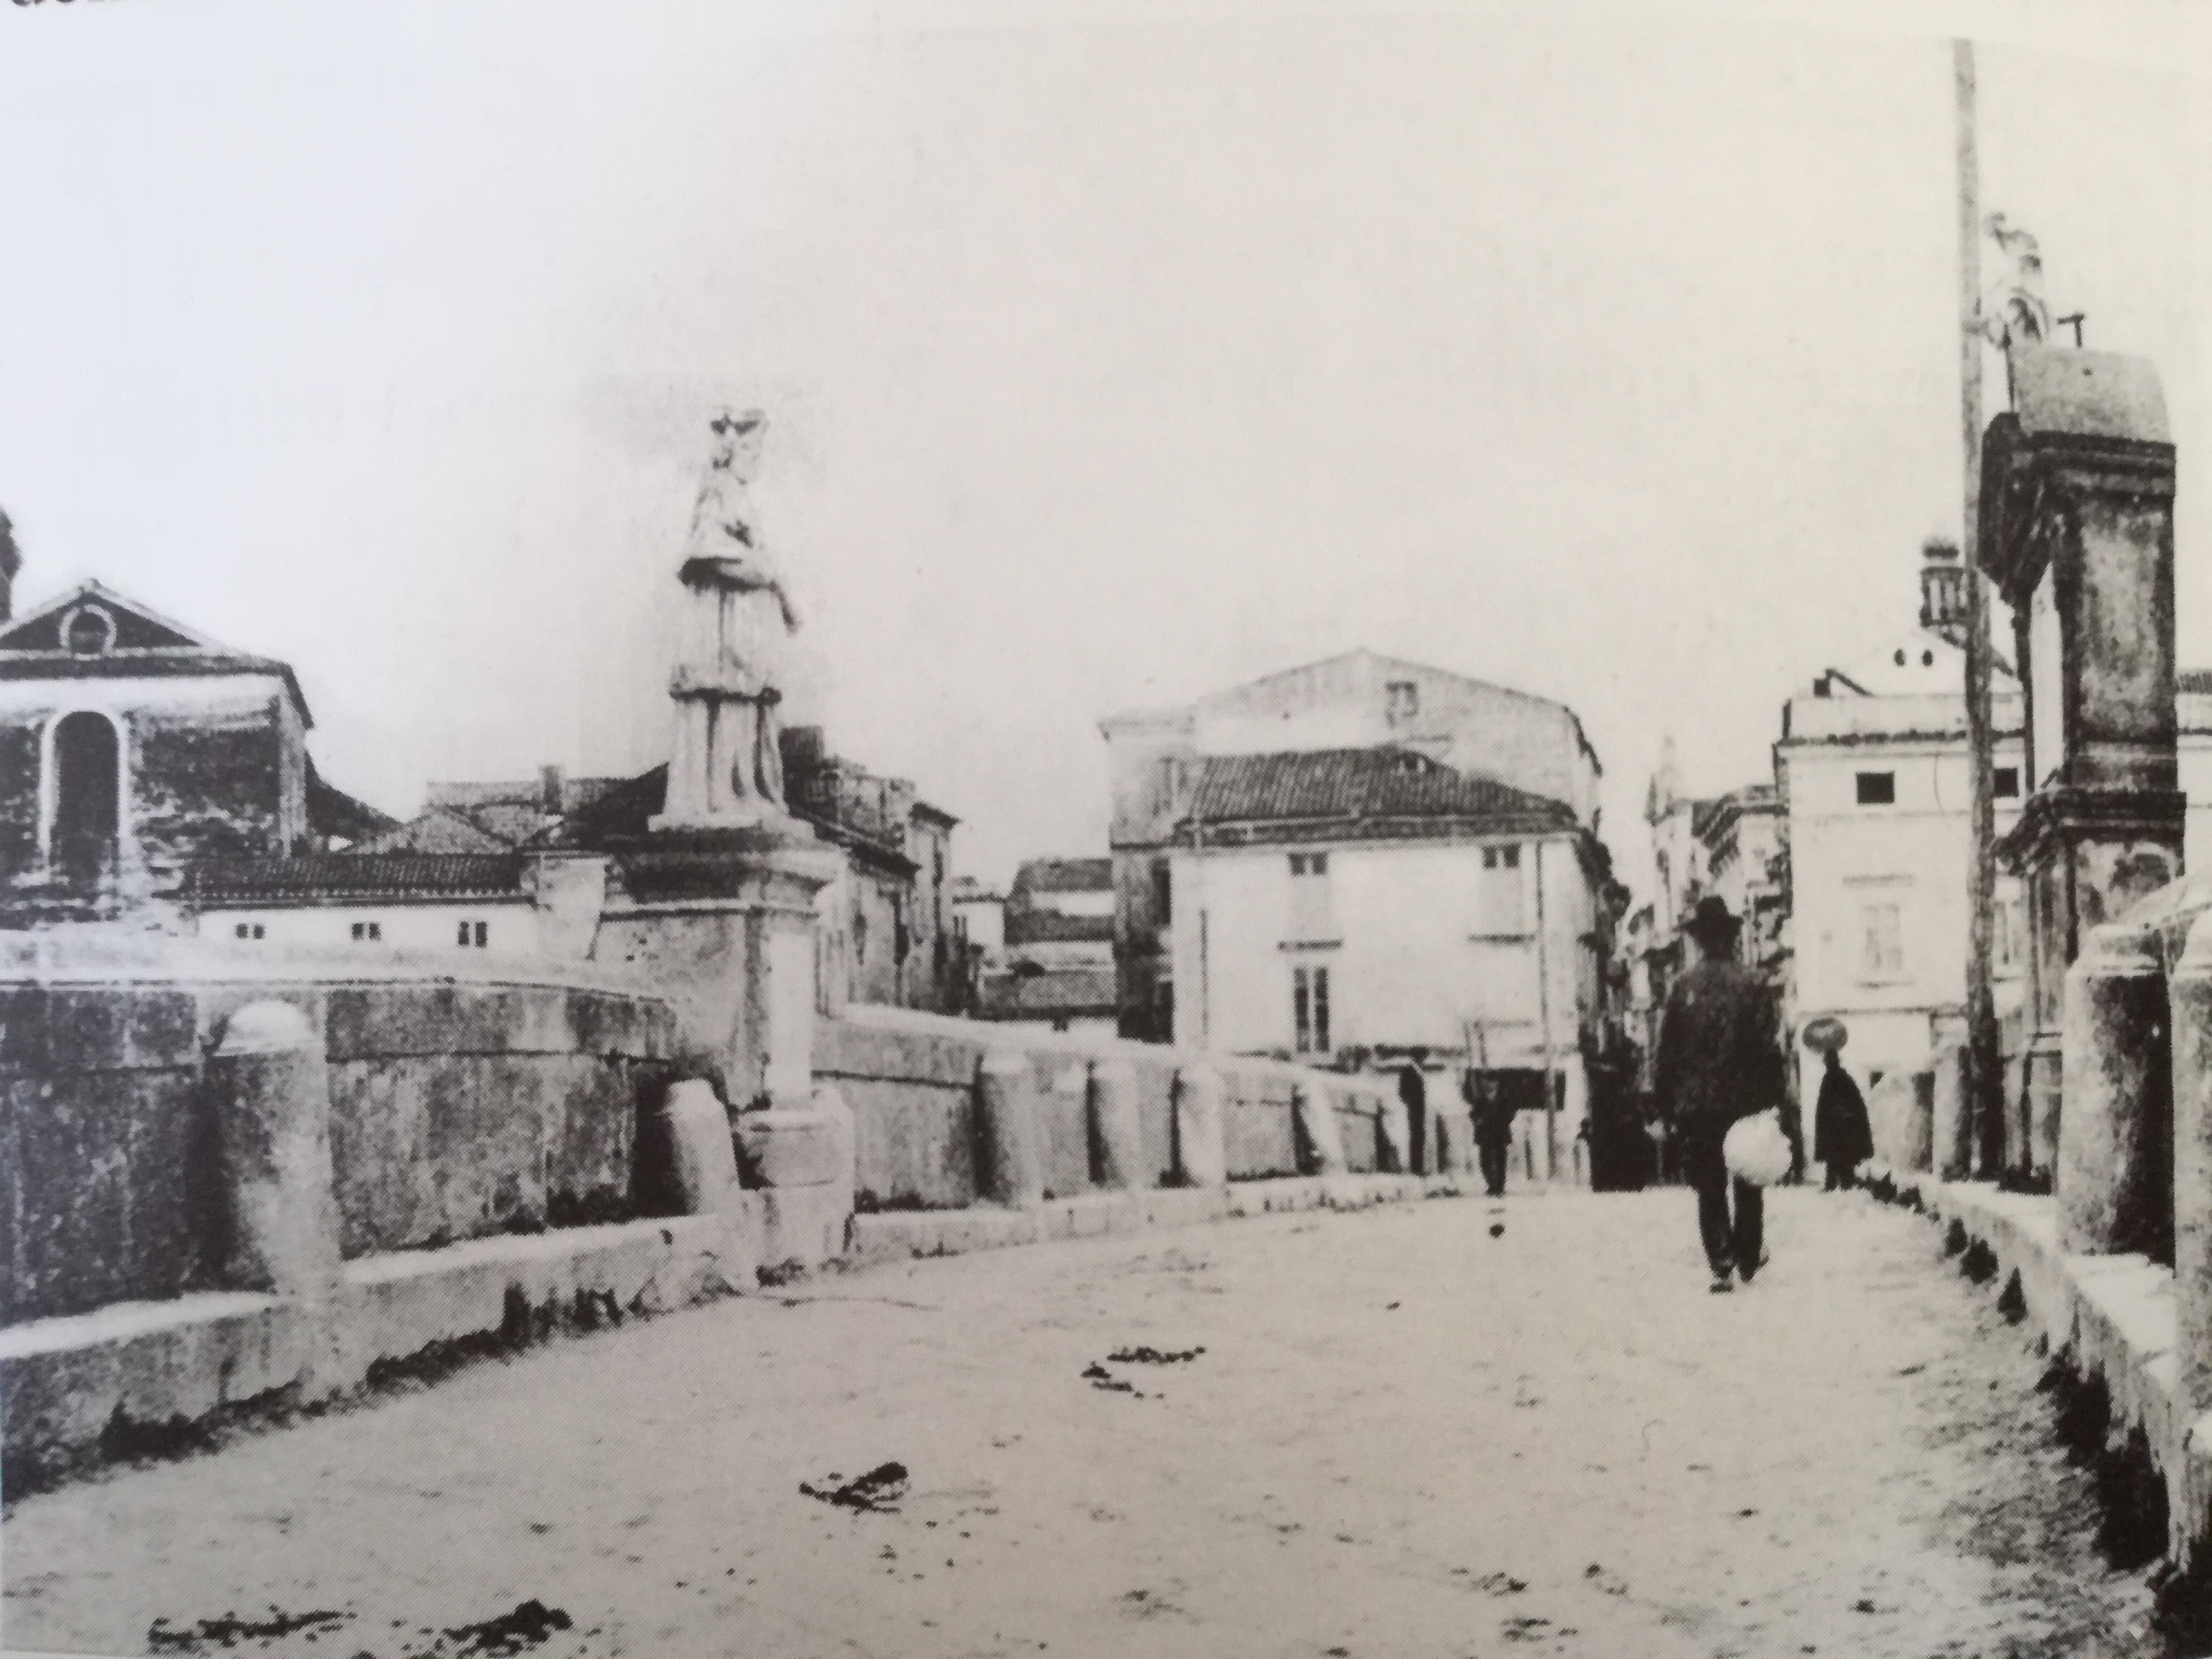 San Giovanni Nepomuceno veglia sulle tradizioni fluviali di Capua.